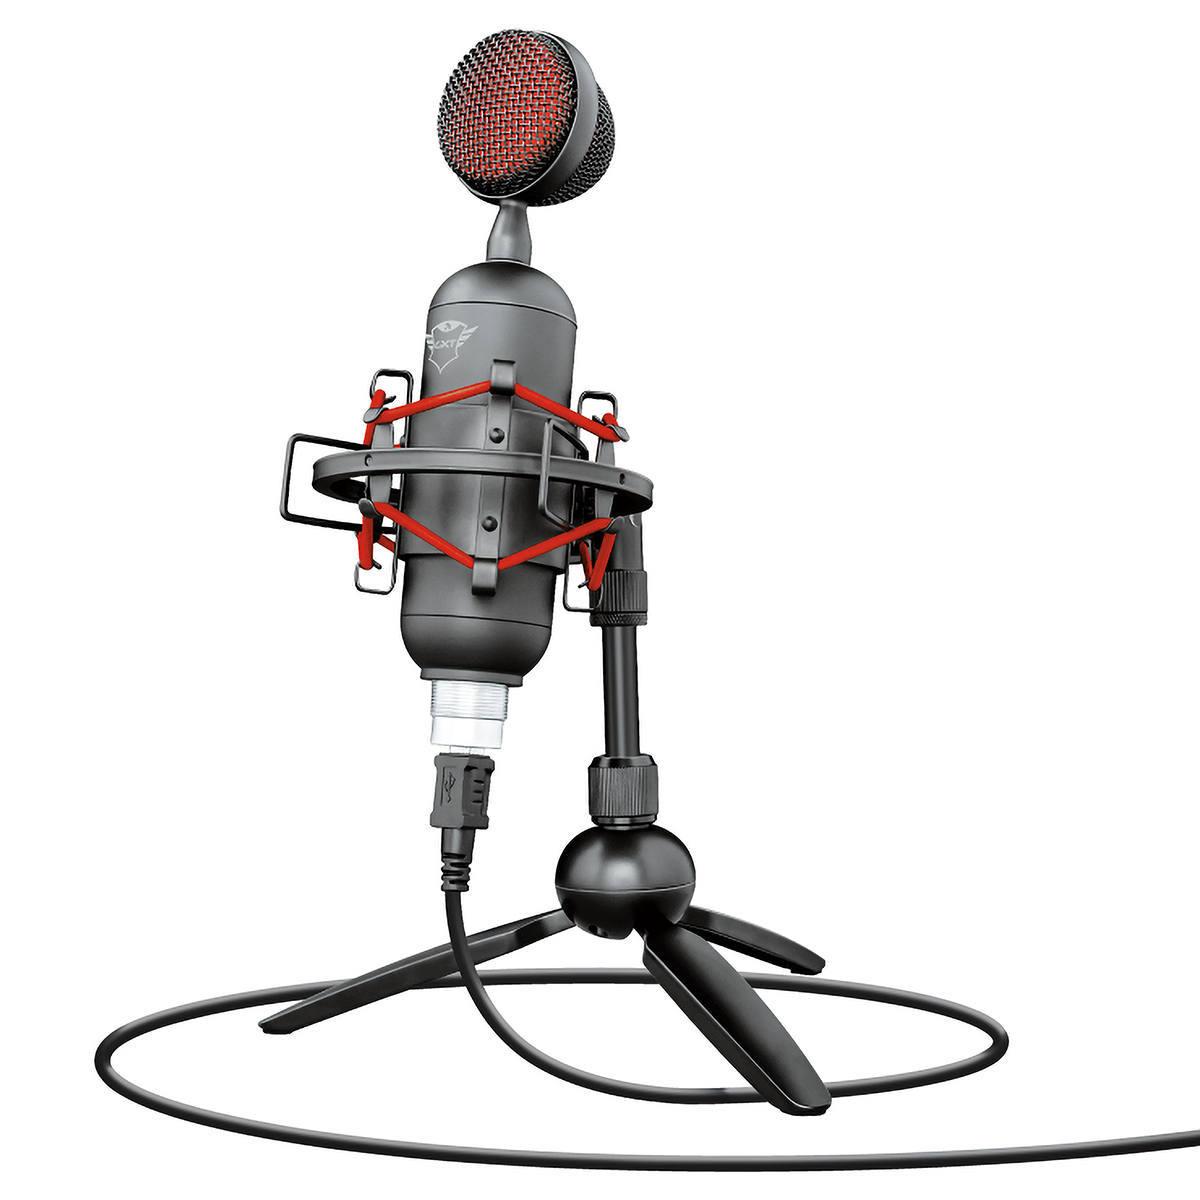 Microfone para Streaming USB Digital Gravação Cardioide de Alta Precisão Tripé de Metal GXT 244 Buzz Trust